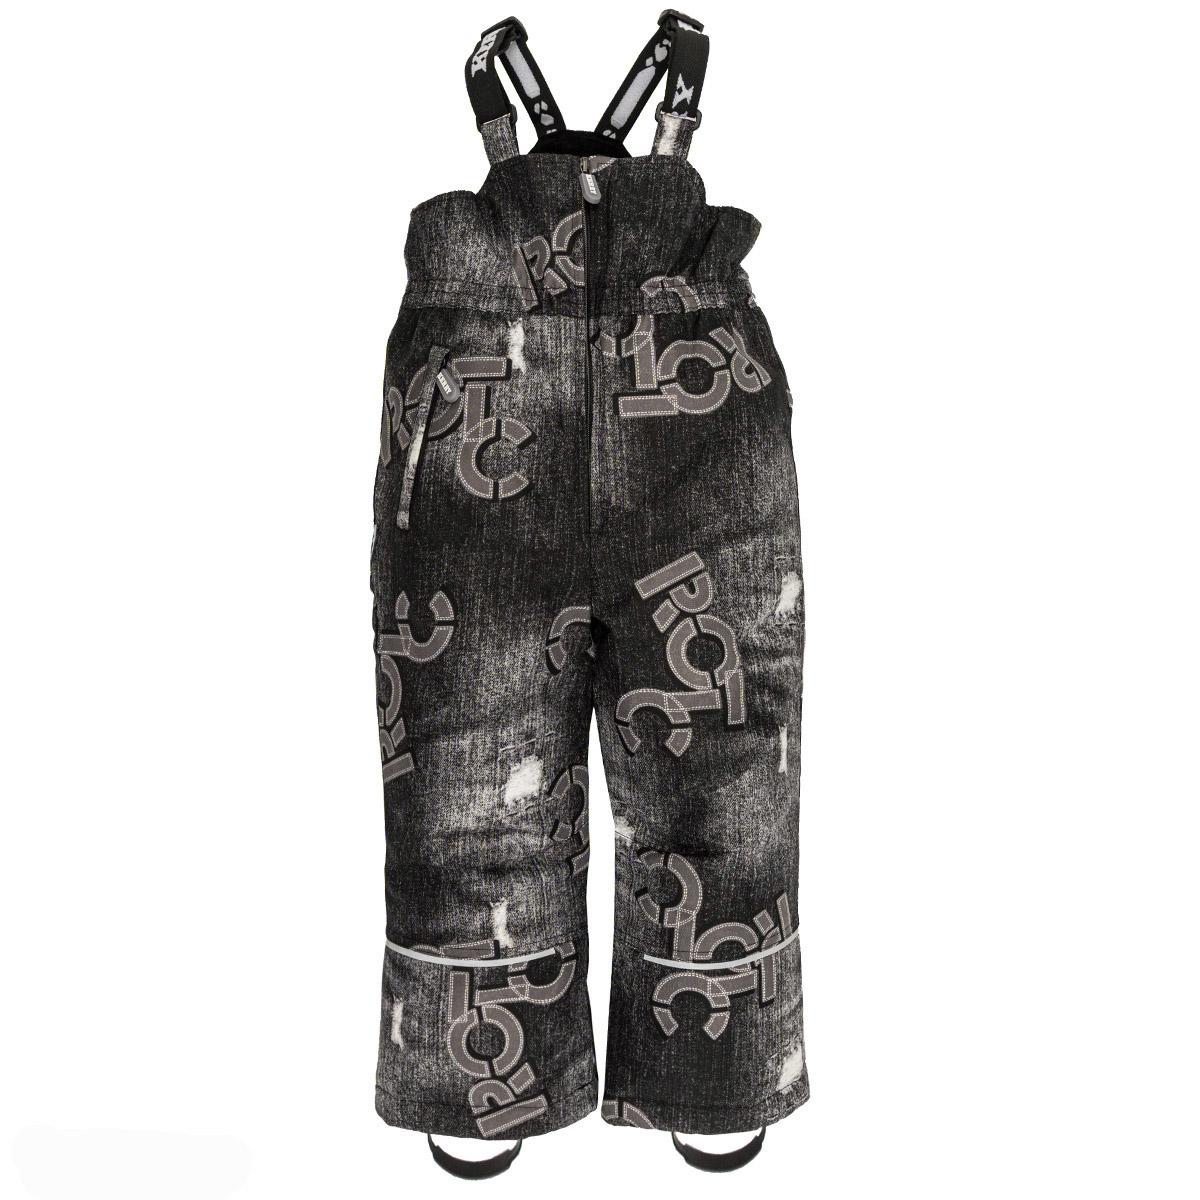 Купить Полукомбинезон JACK Kerry, Размер 122, Цвет 9890-черный джинс K19451A-9890_122,